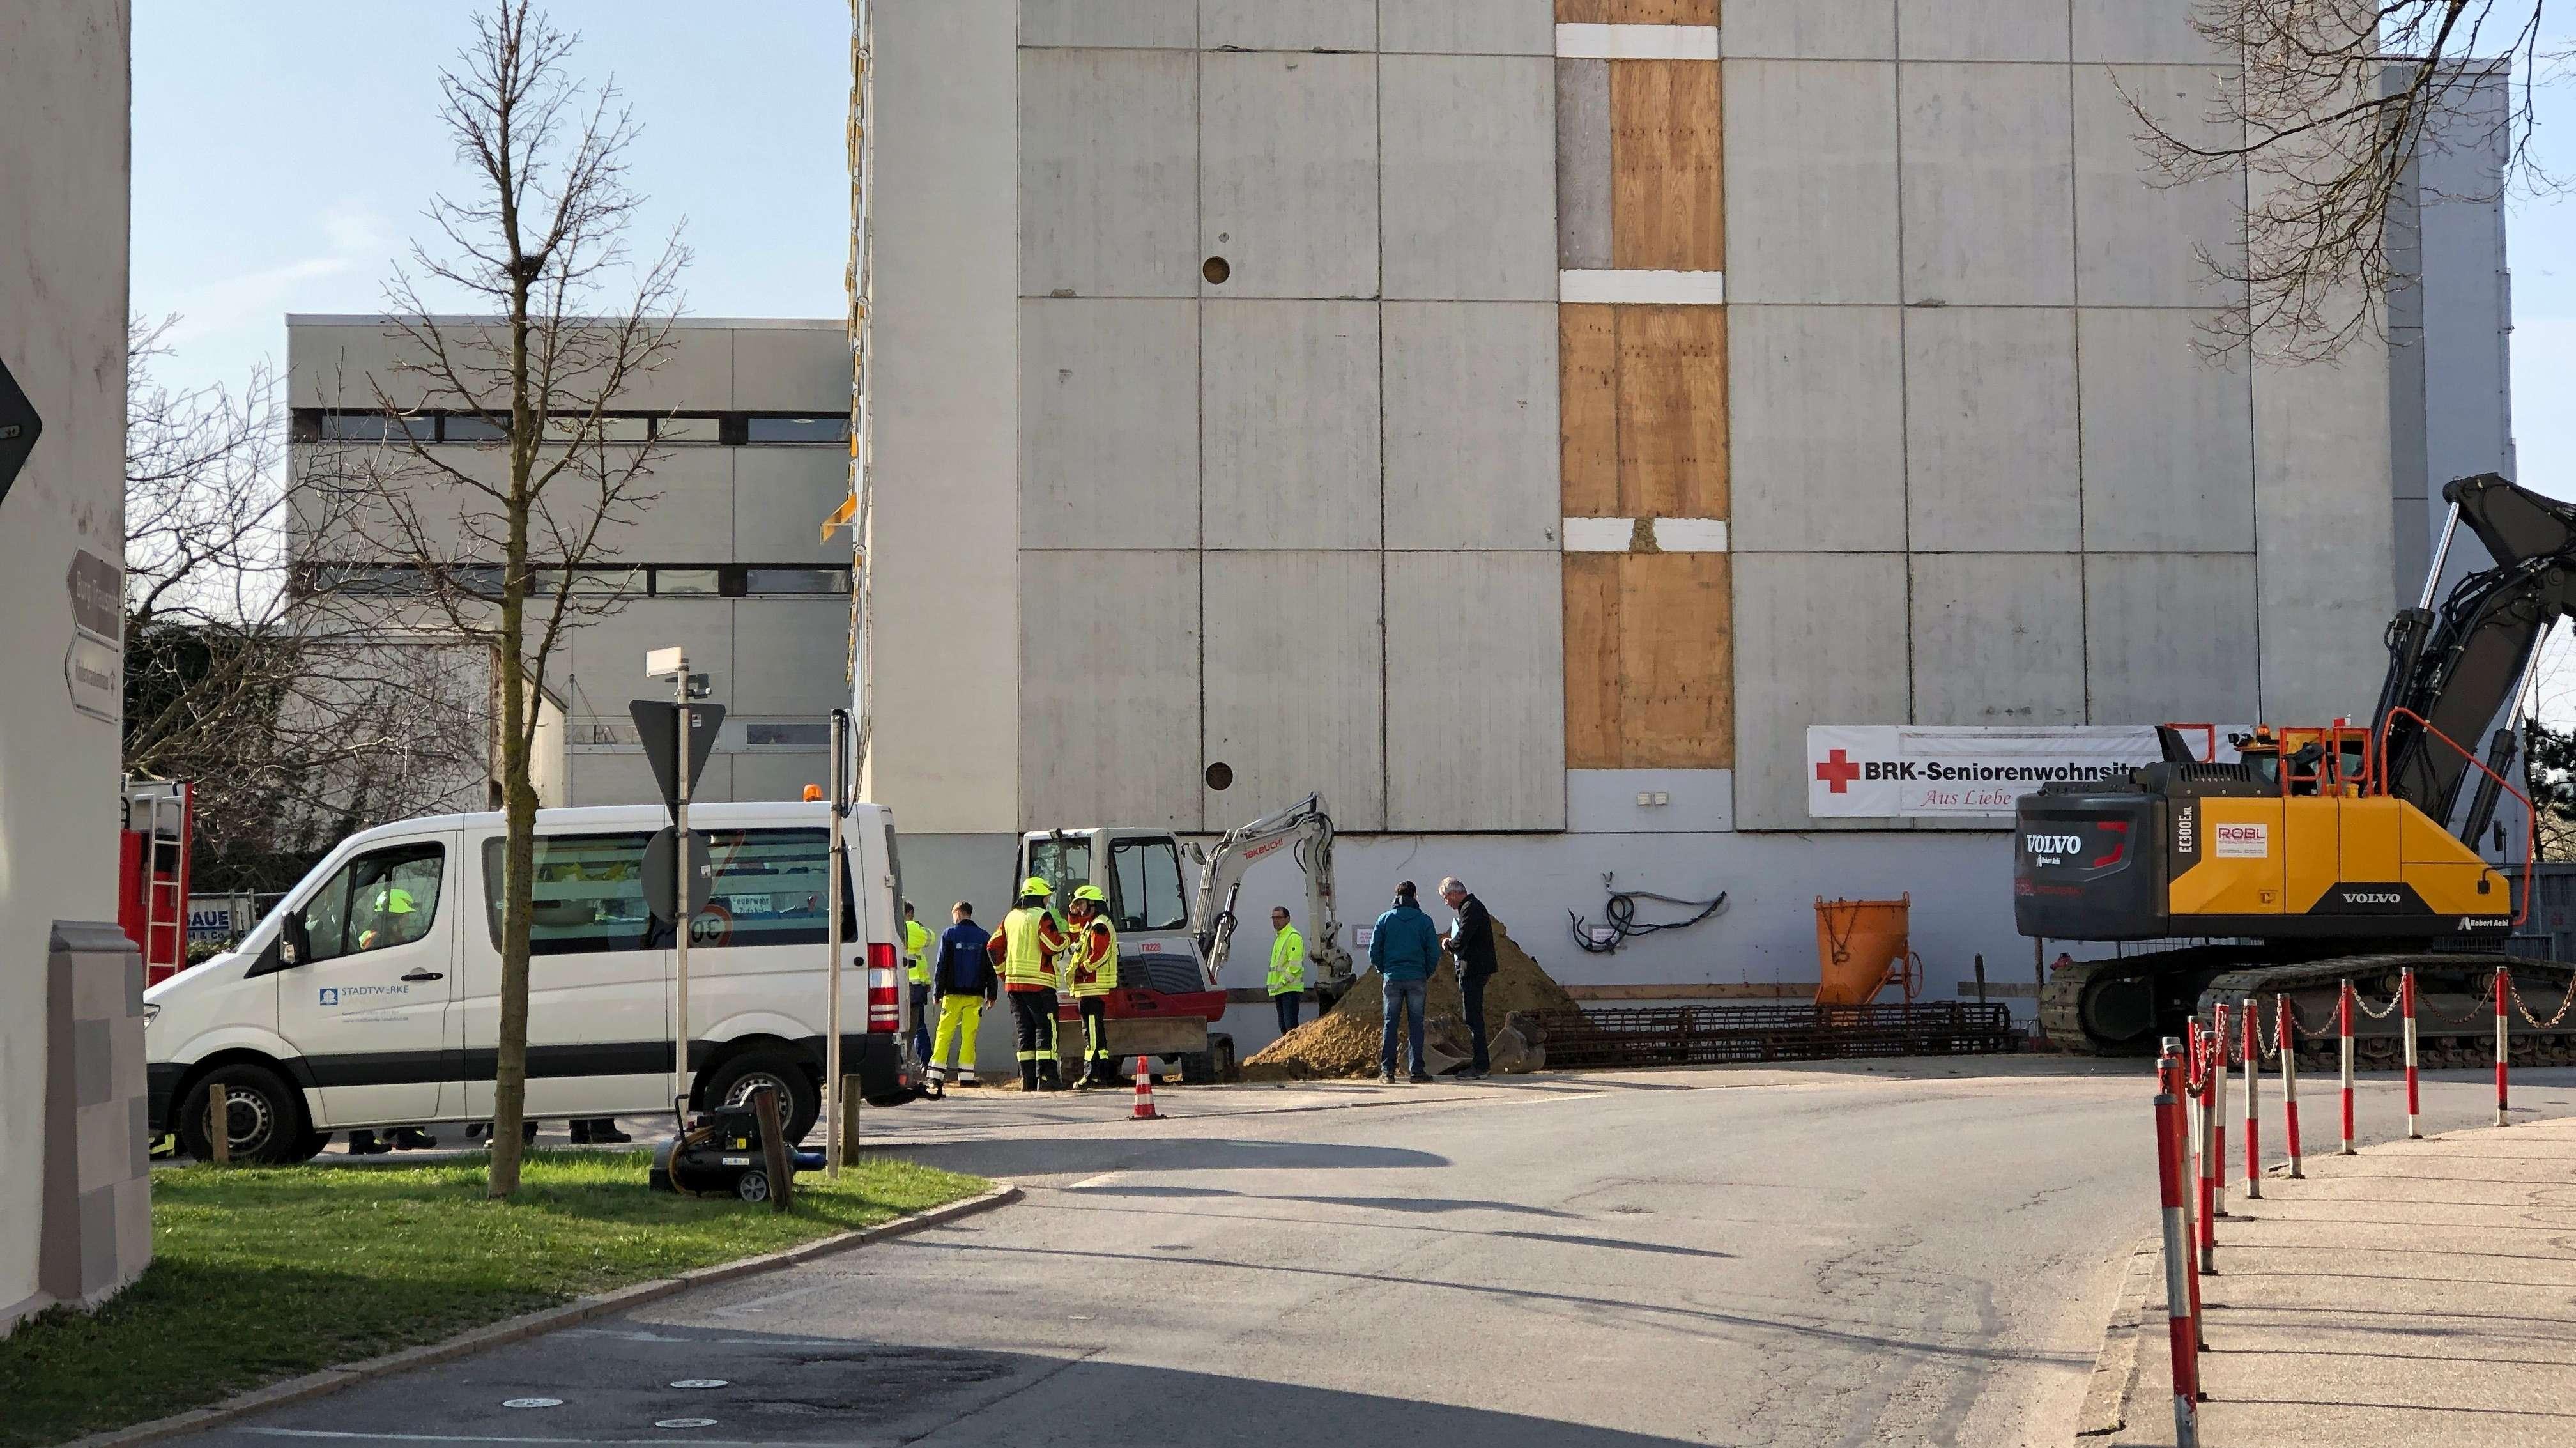 Das Seniorenheim in Landshut ist aufgrund eines Gasaustritts evakuiert worden.